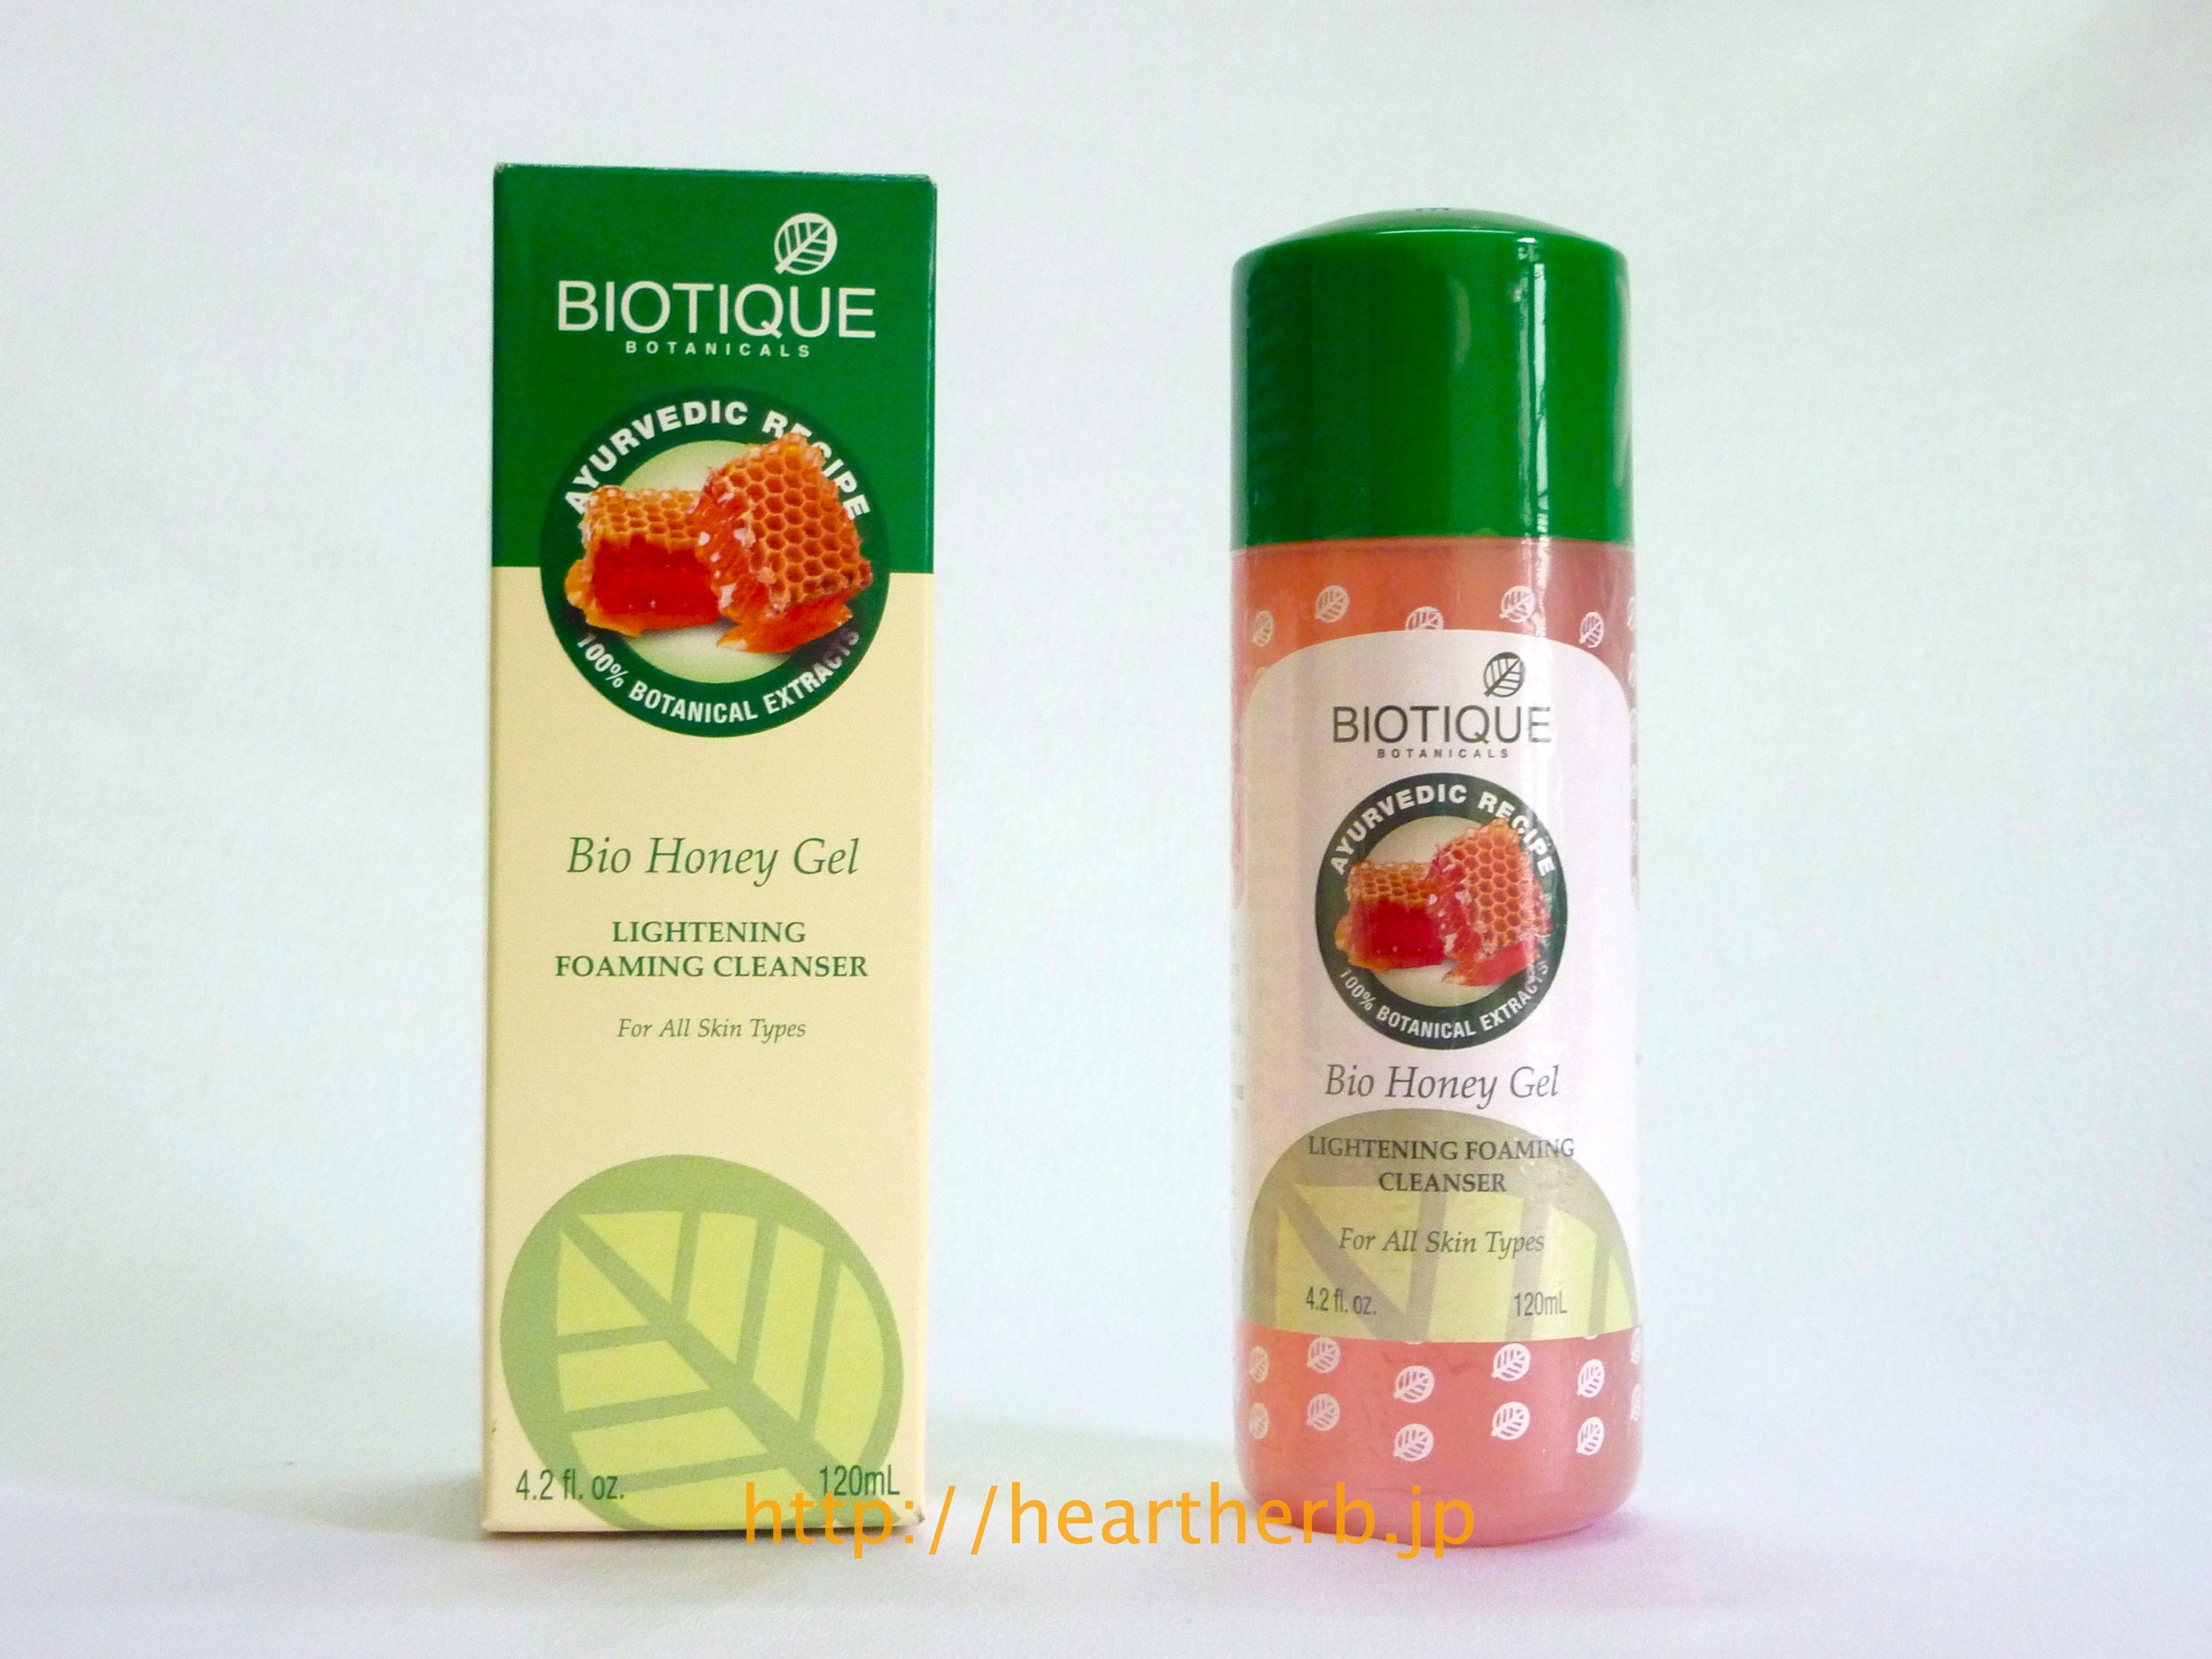 バイオティーク ハニージェル ソープフリー クレンザー, biotique bio honey gel cleaser